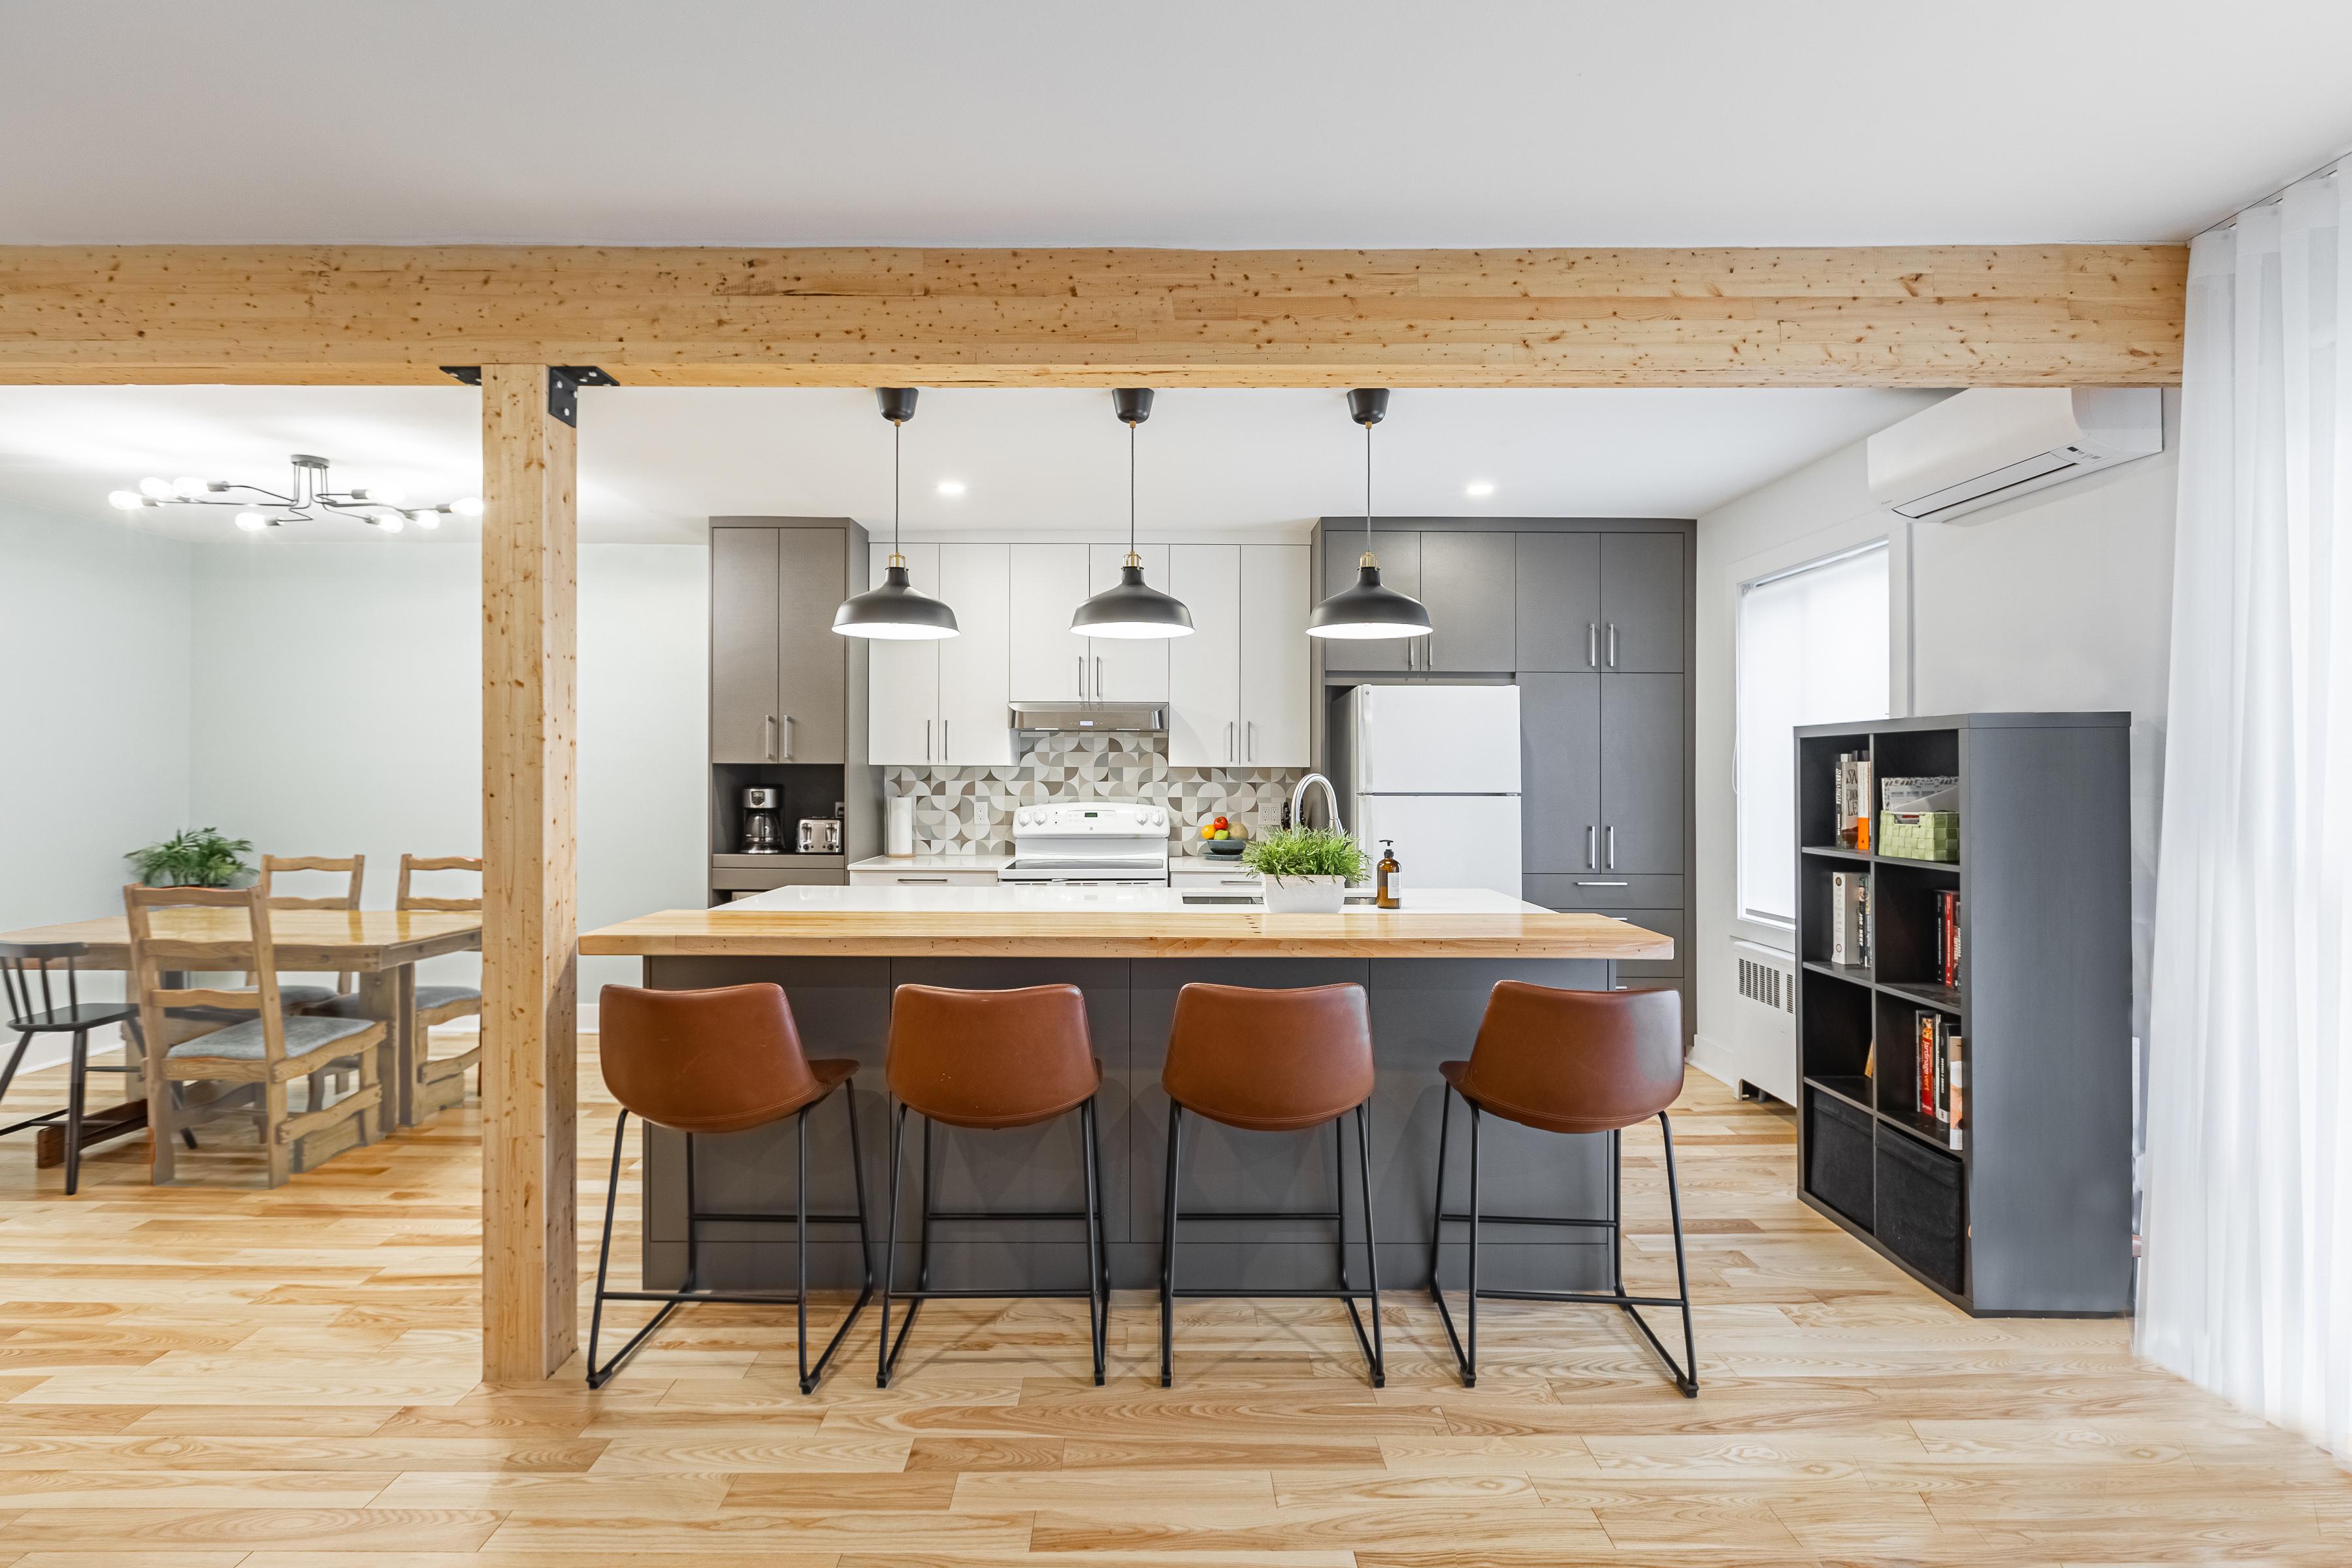 cuisine à aire ouverte avec comptoirs en quartz blanc avec une section en bois sur l'îlot